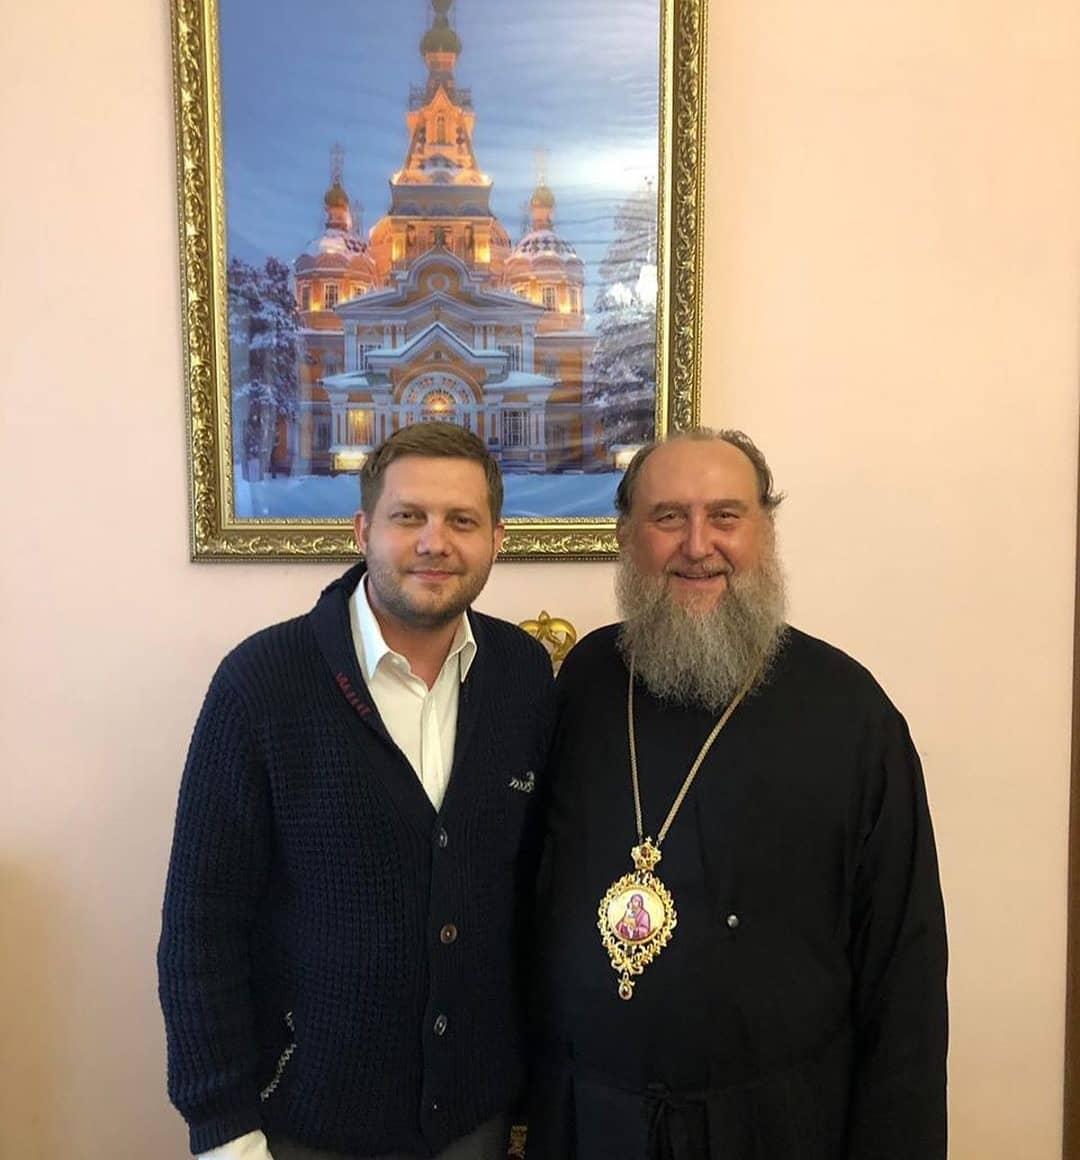 Радость встречи с Владыкой Александром Казахстанским